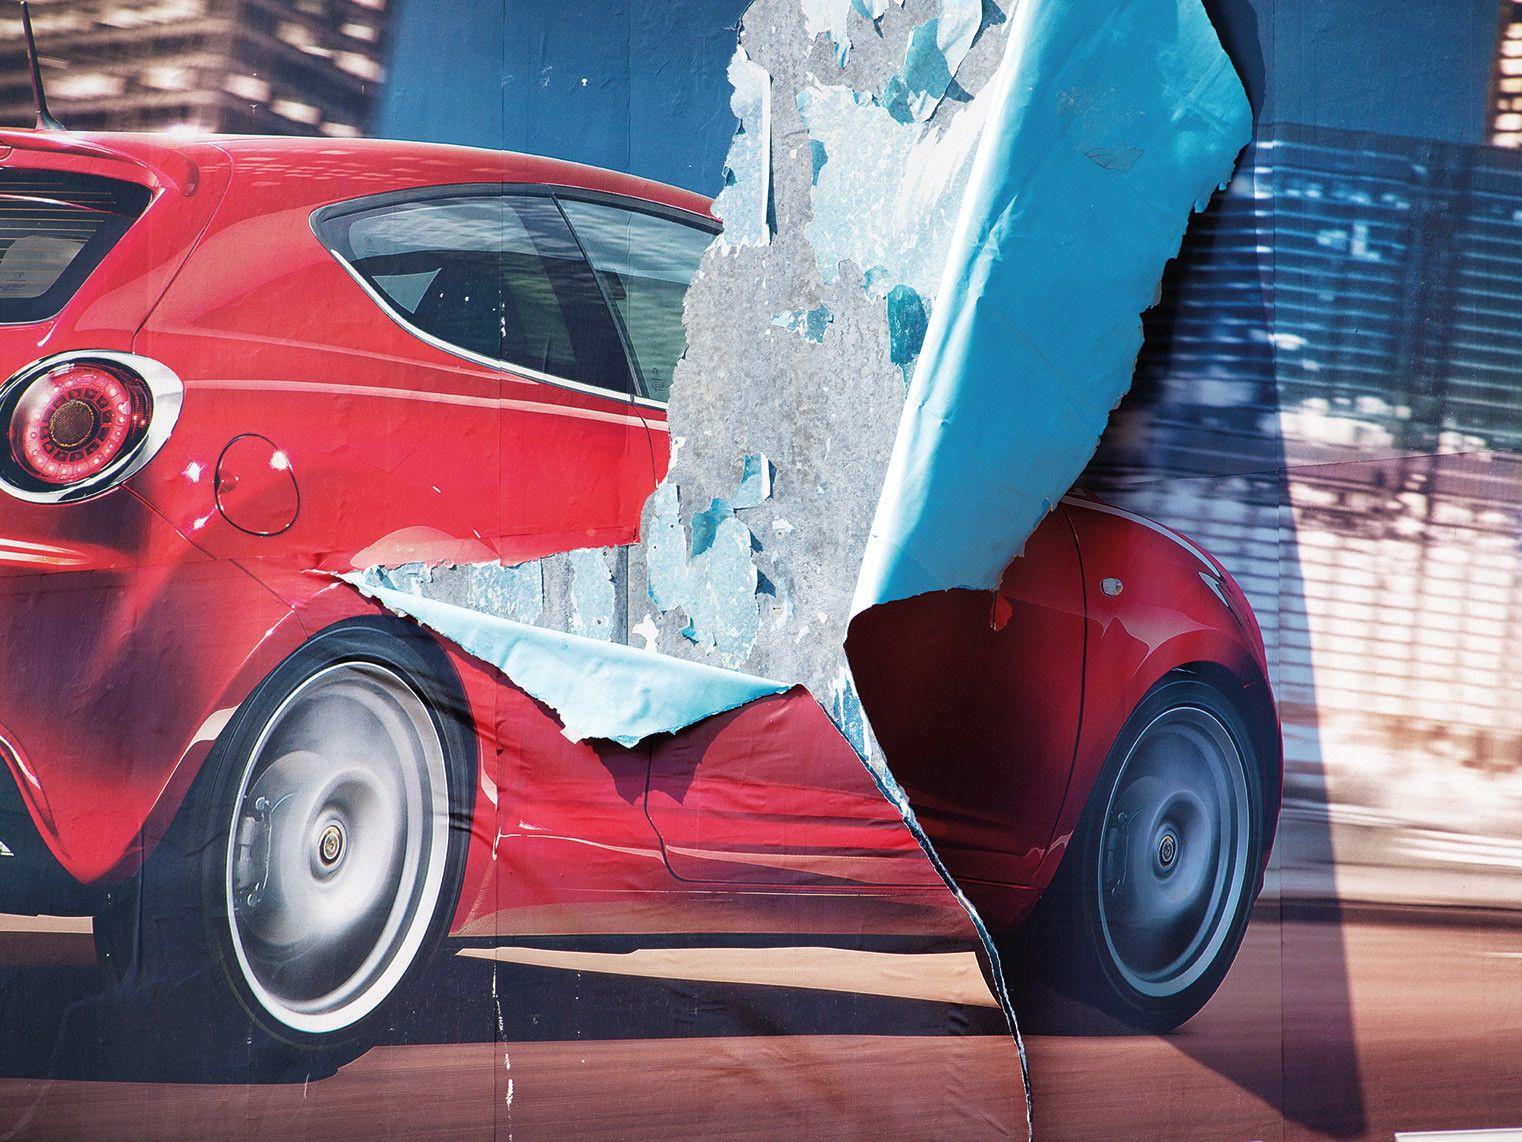 FOTOGRAFIA DIGITALE LUCA GALESSI ' ATTRAVERSARE LE CITTA' '  dimensioni L 160 x H 120 cm.